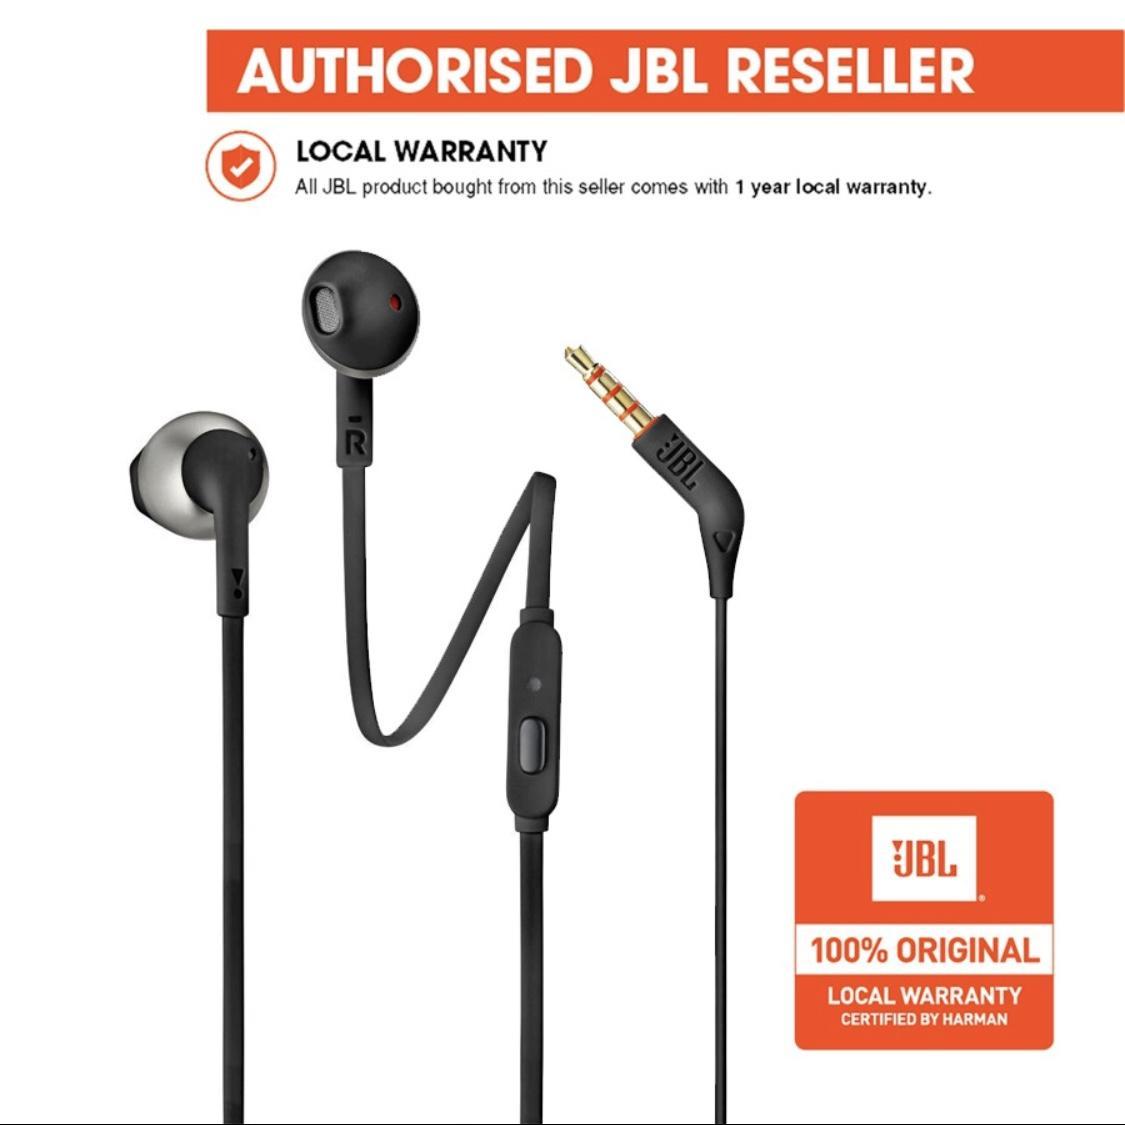 JBL T205 Earbud Headphones